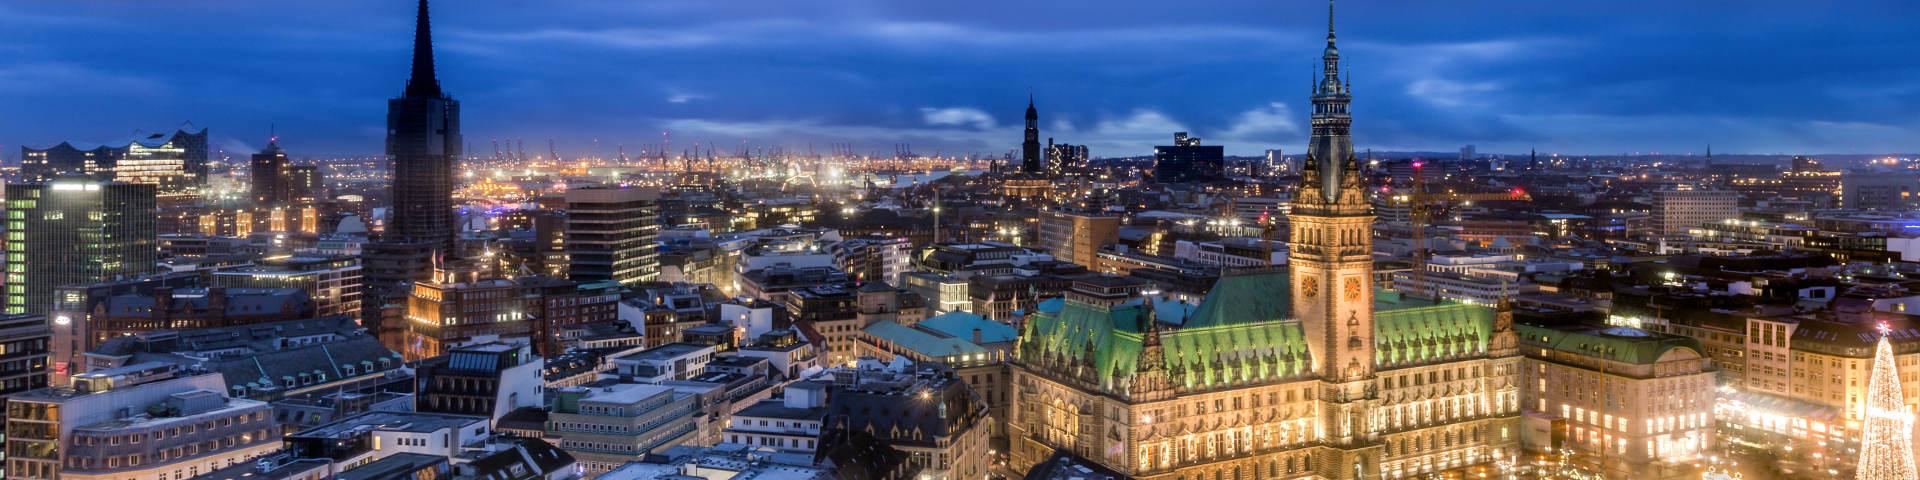 Hamburg hero city